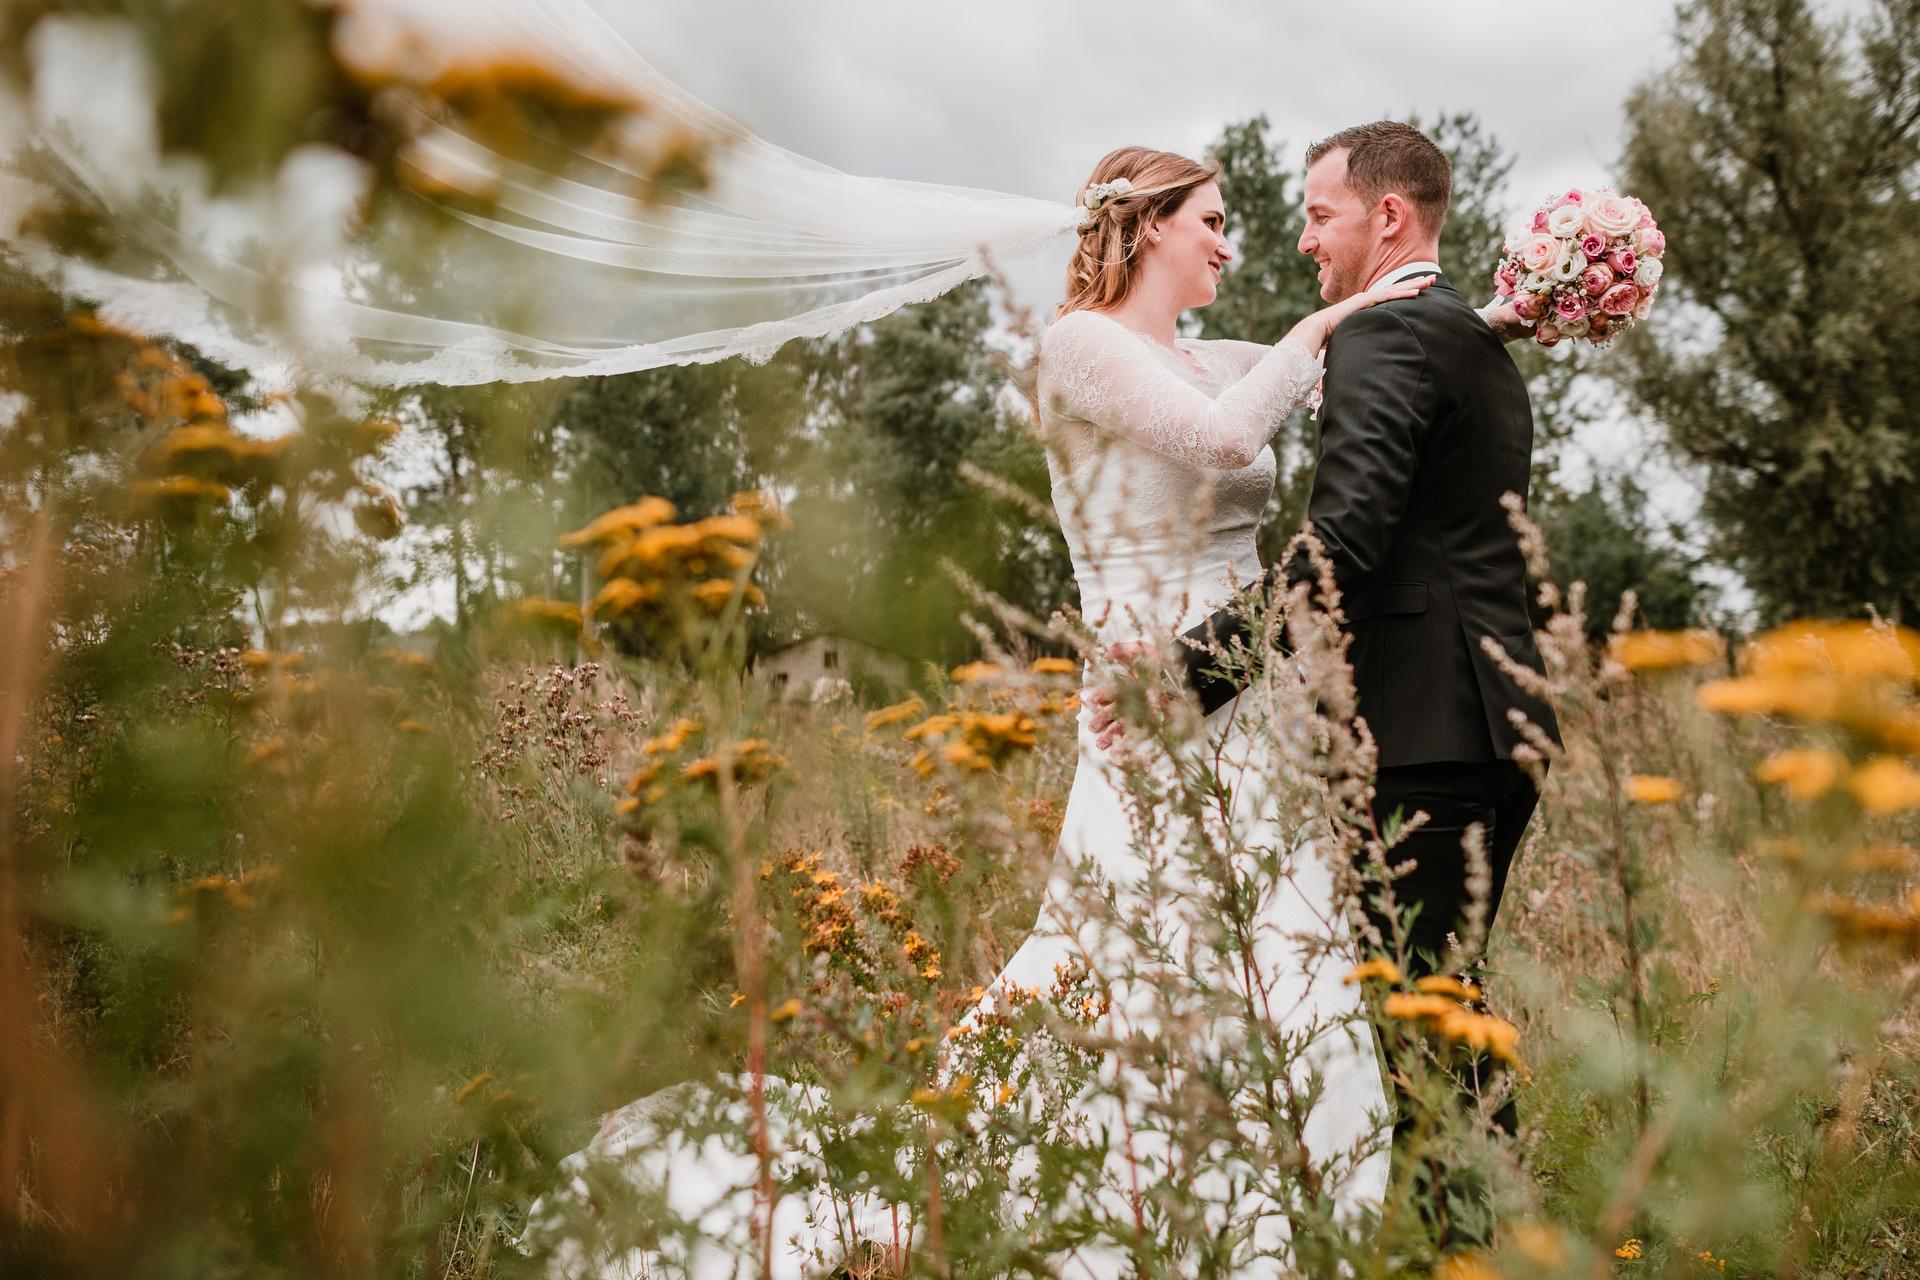 2019-08-10-Hochzeit-Tanja-Oliver-184